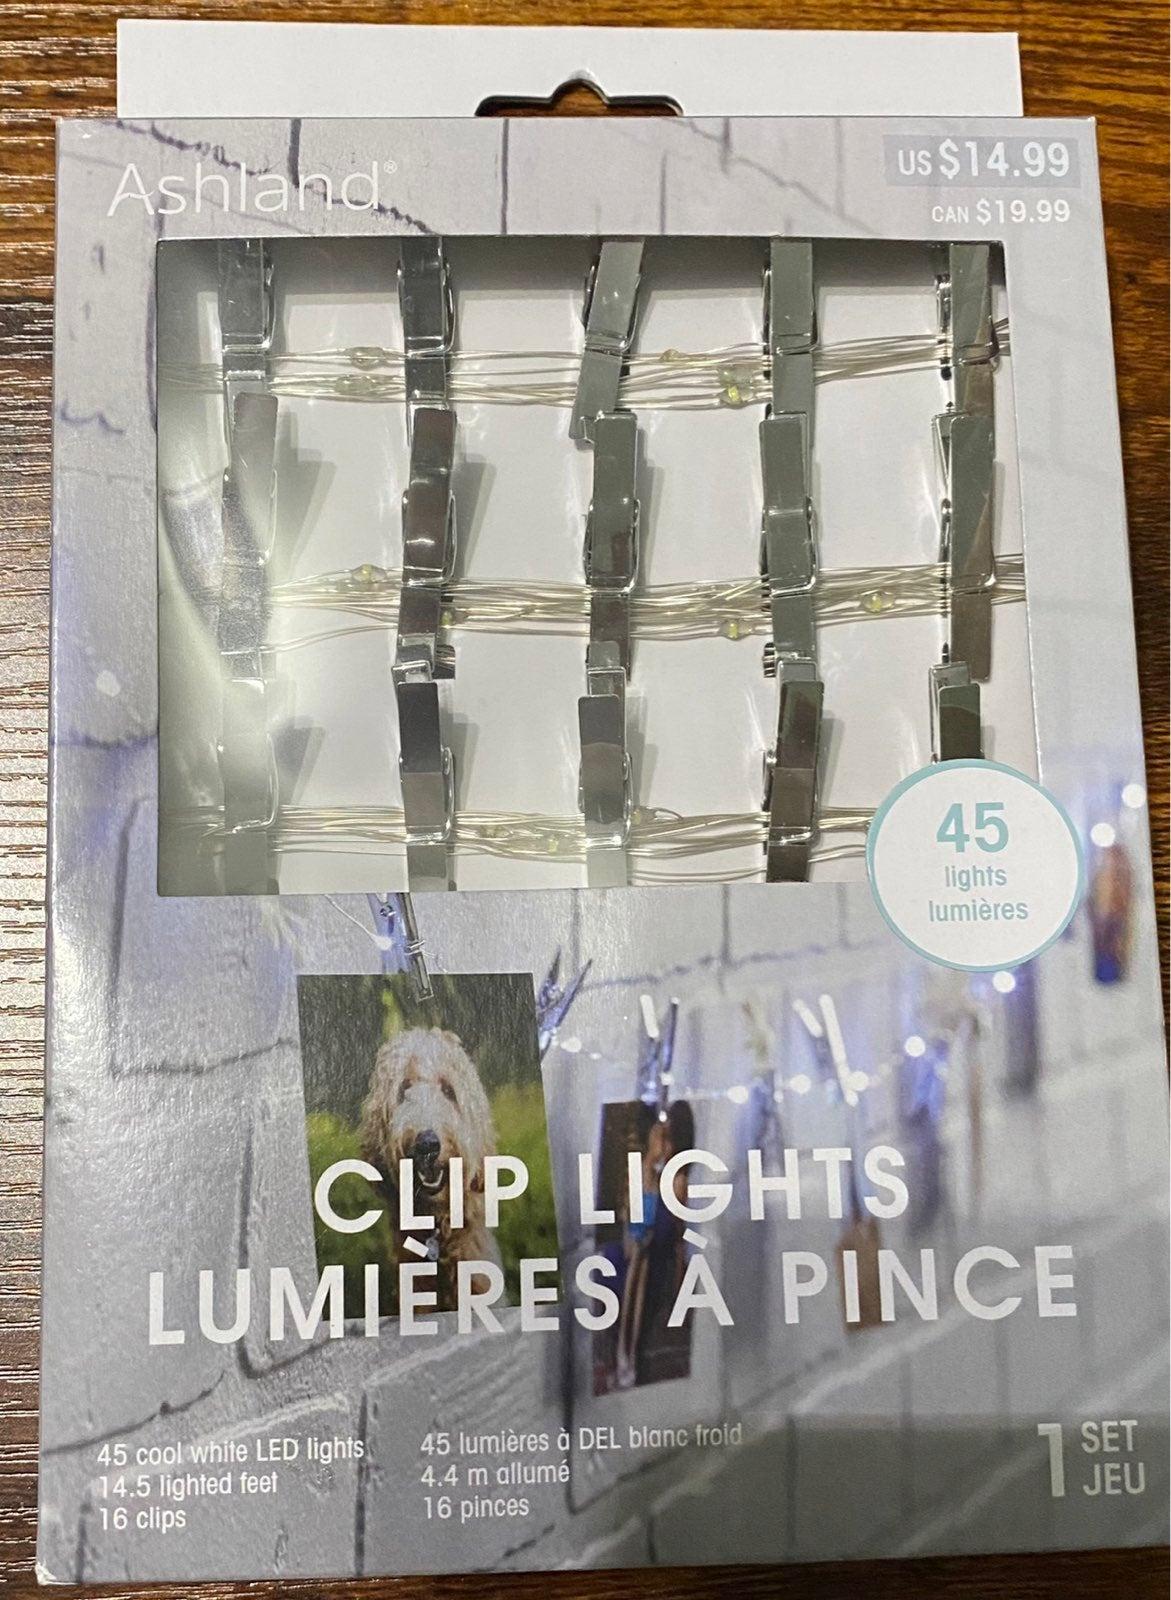 Clip lights